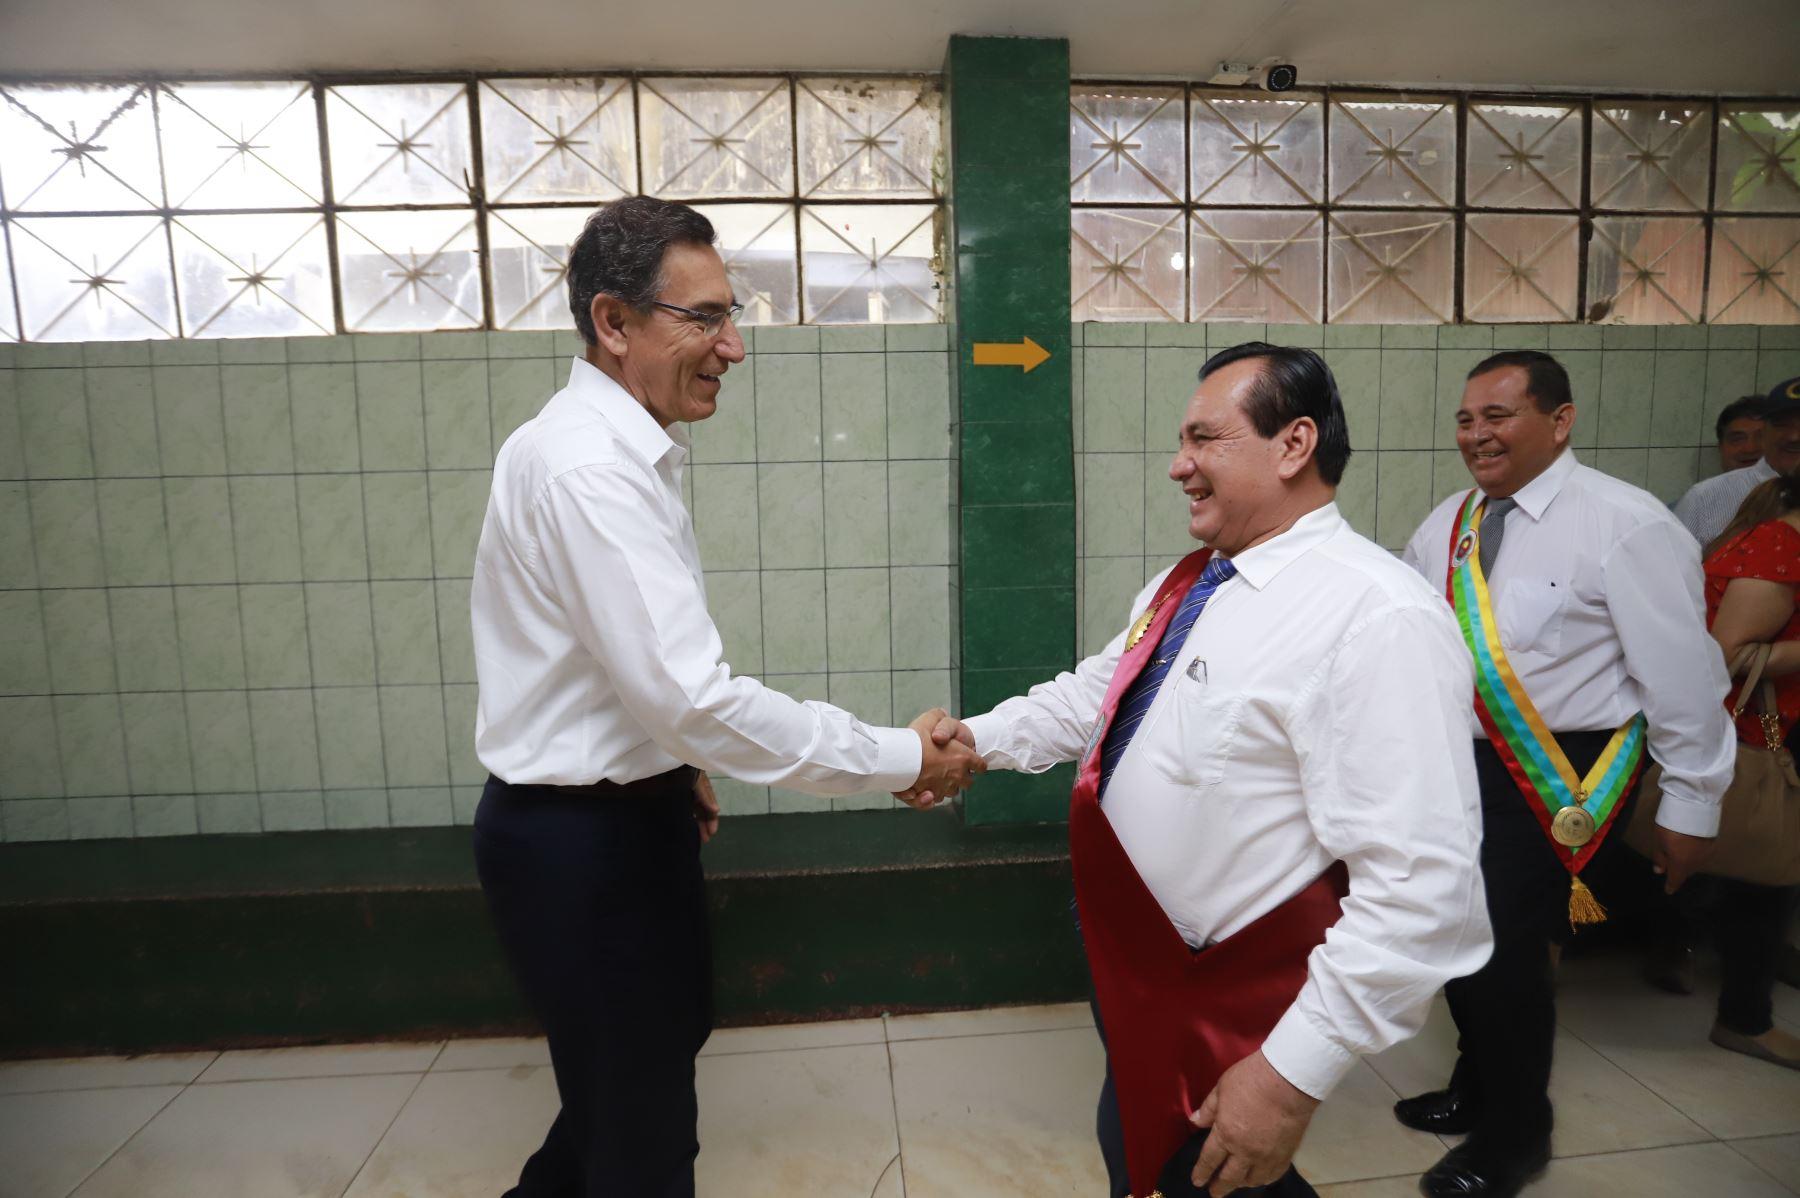 El presidente Martin Vizcarra, participa en el paseo de la bandera como parte de las actividades por el aniversario de Pucallpa. Foto: ANDINA/ Prensa Presidencia